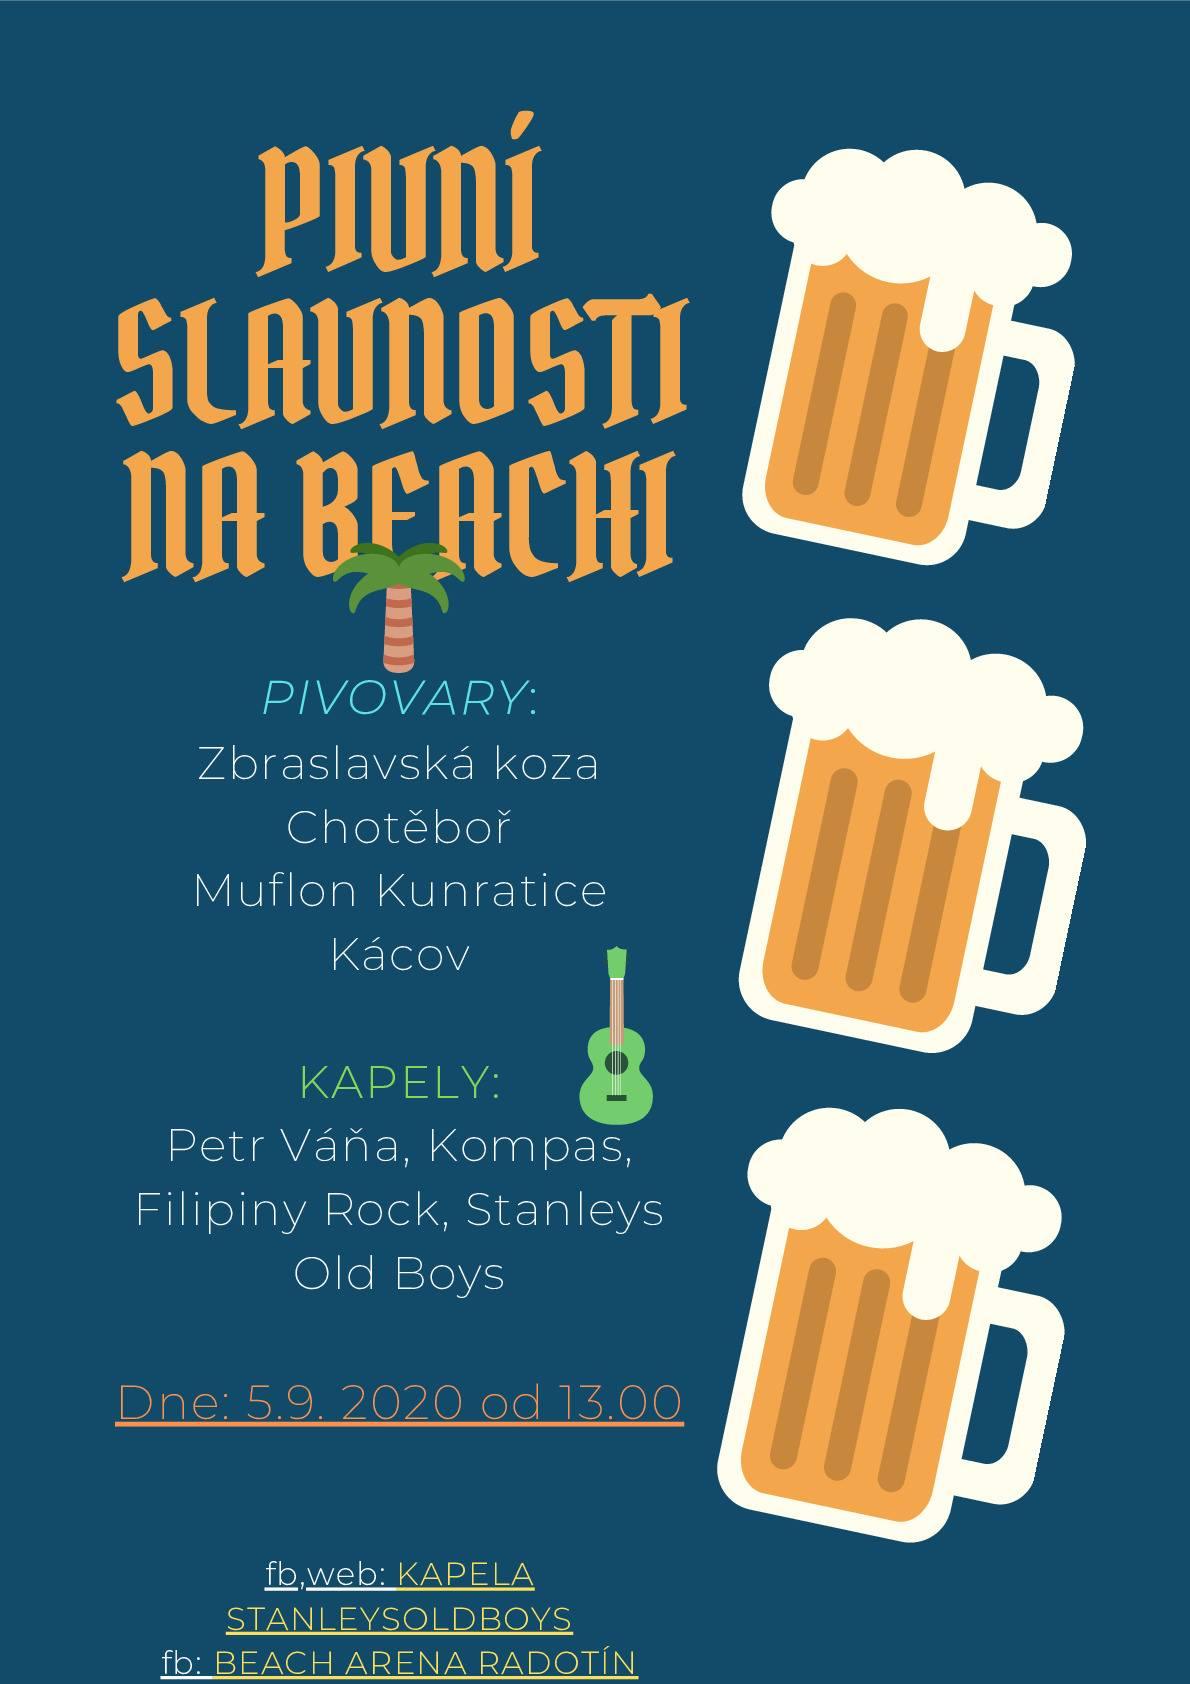 pivovari-pivovary-pivni-akce-pivni-slavnosti-na-beachi-praha-2020